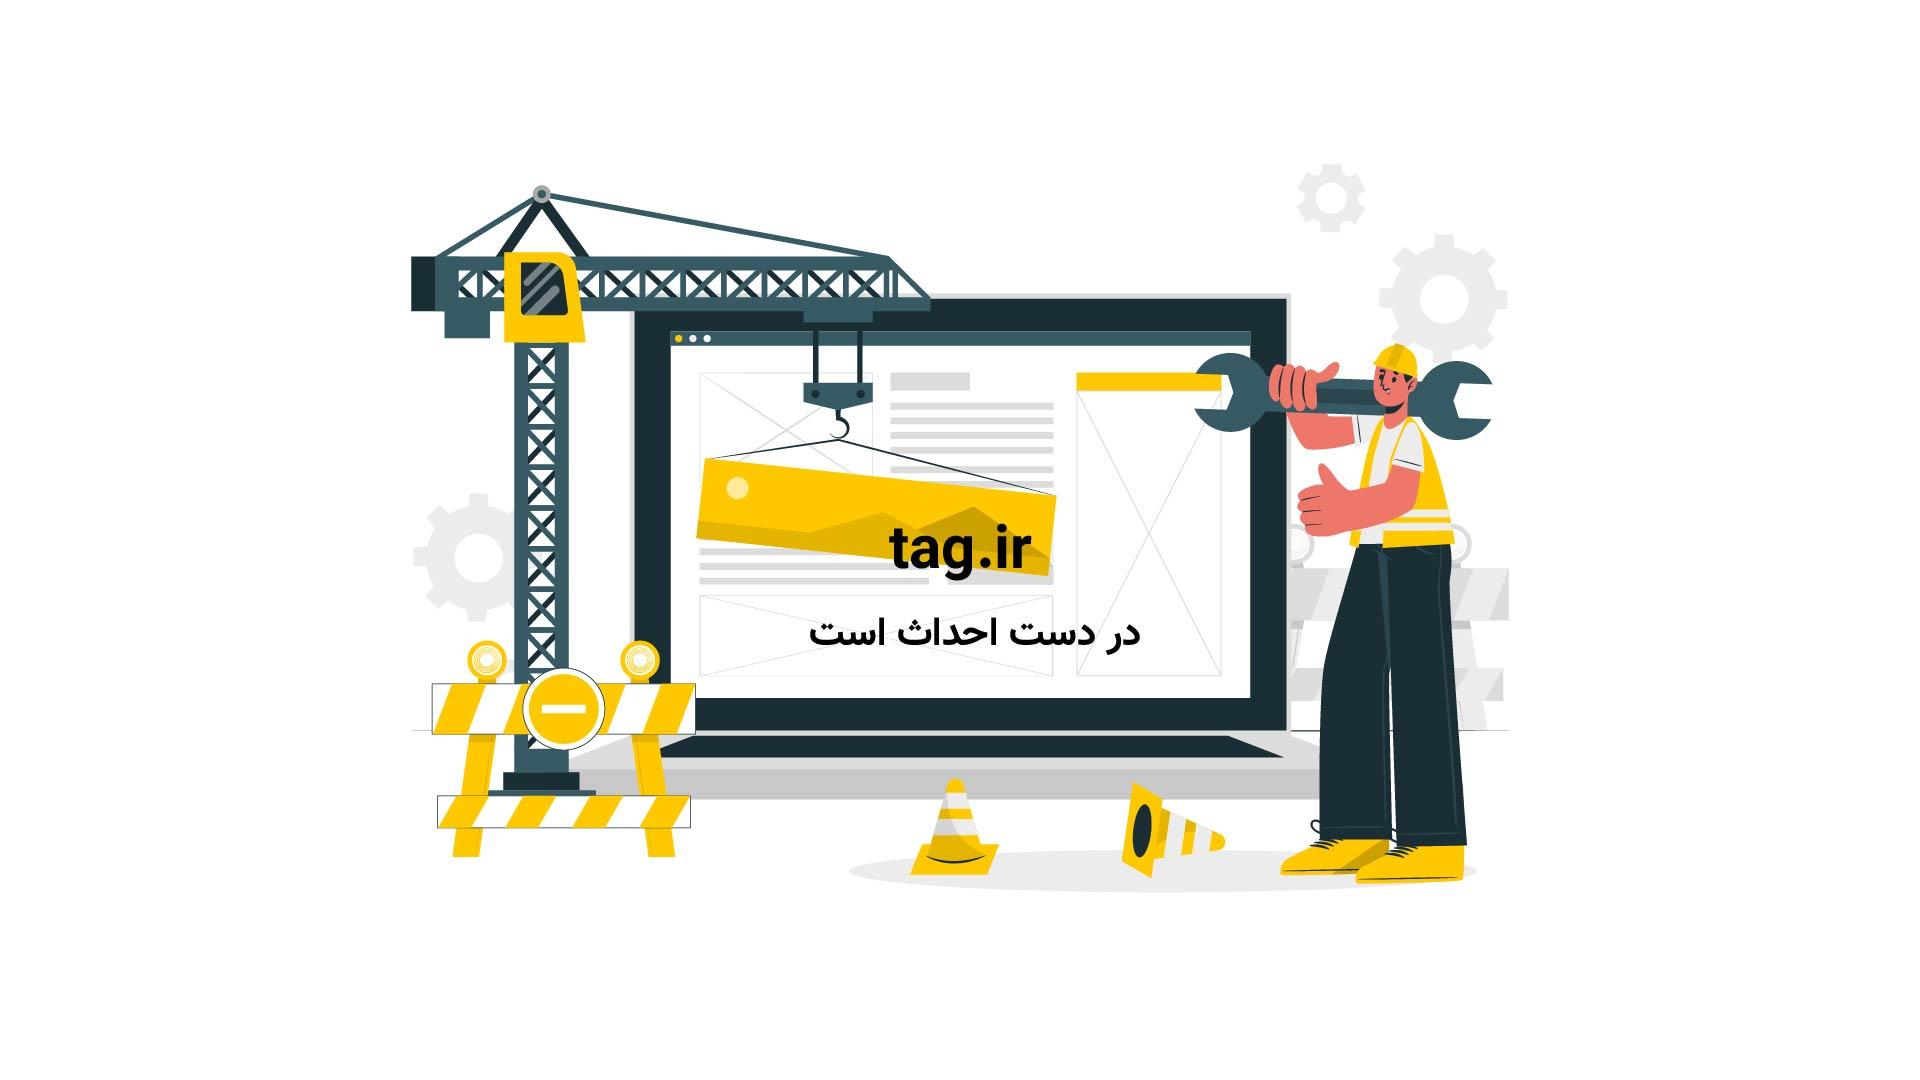 جنگنده های سعودی بمباران یمن را شدت بخشیدند + فیلم